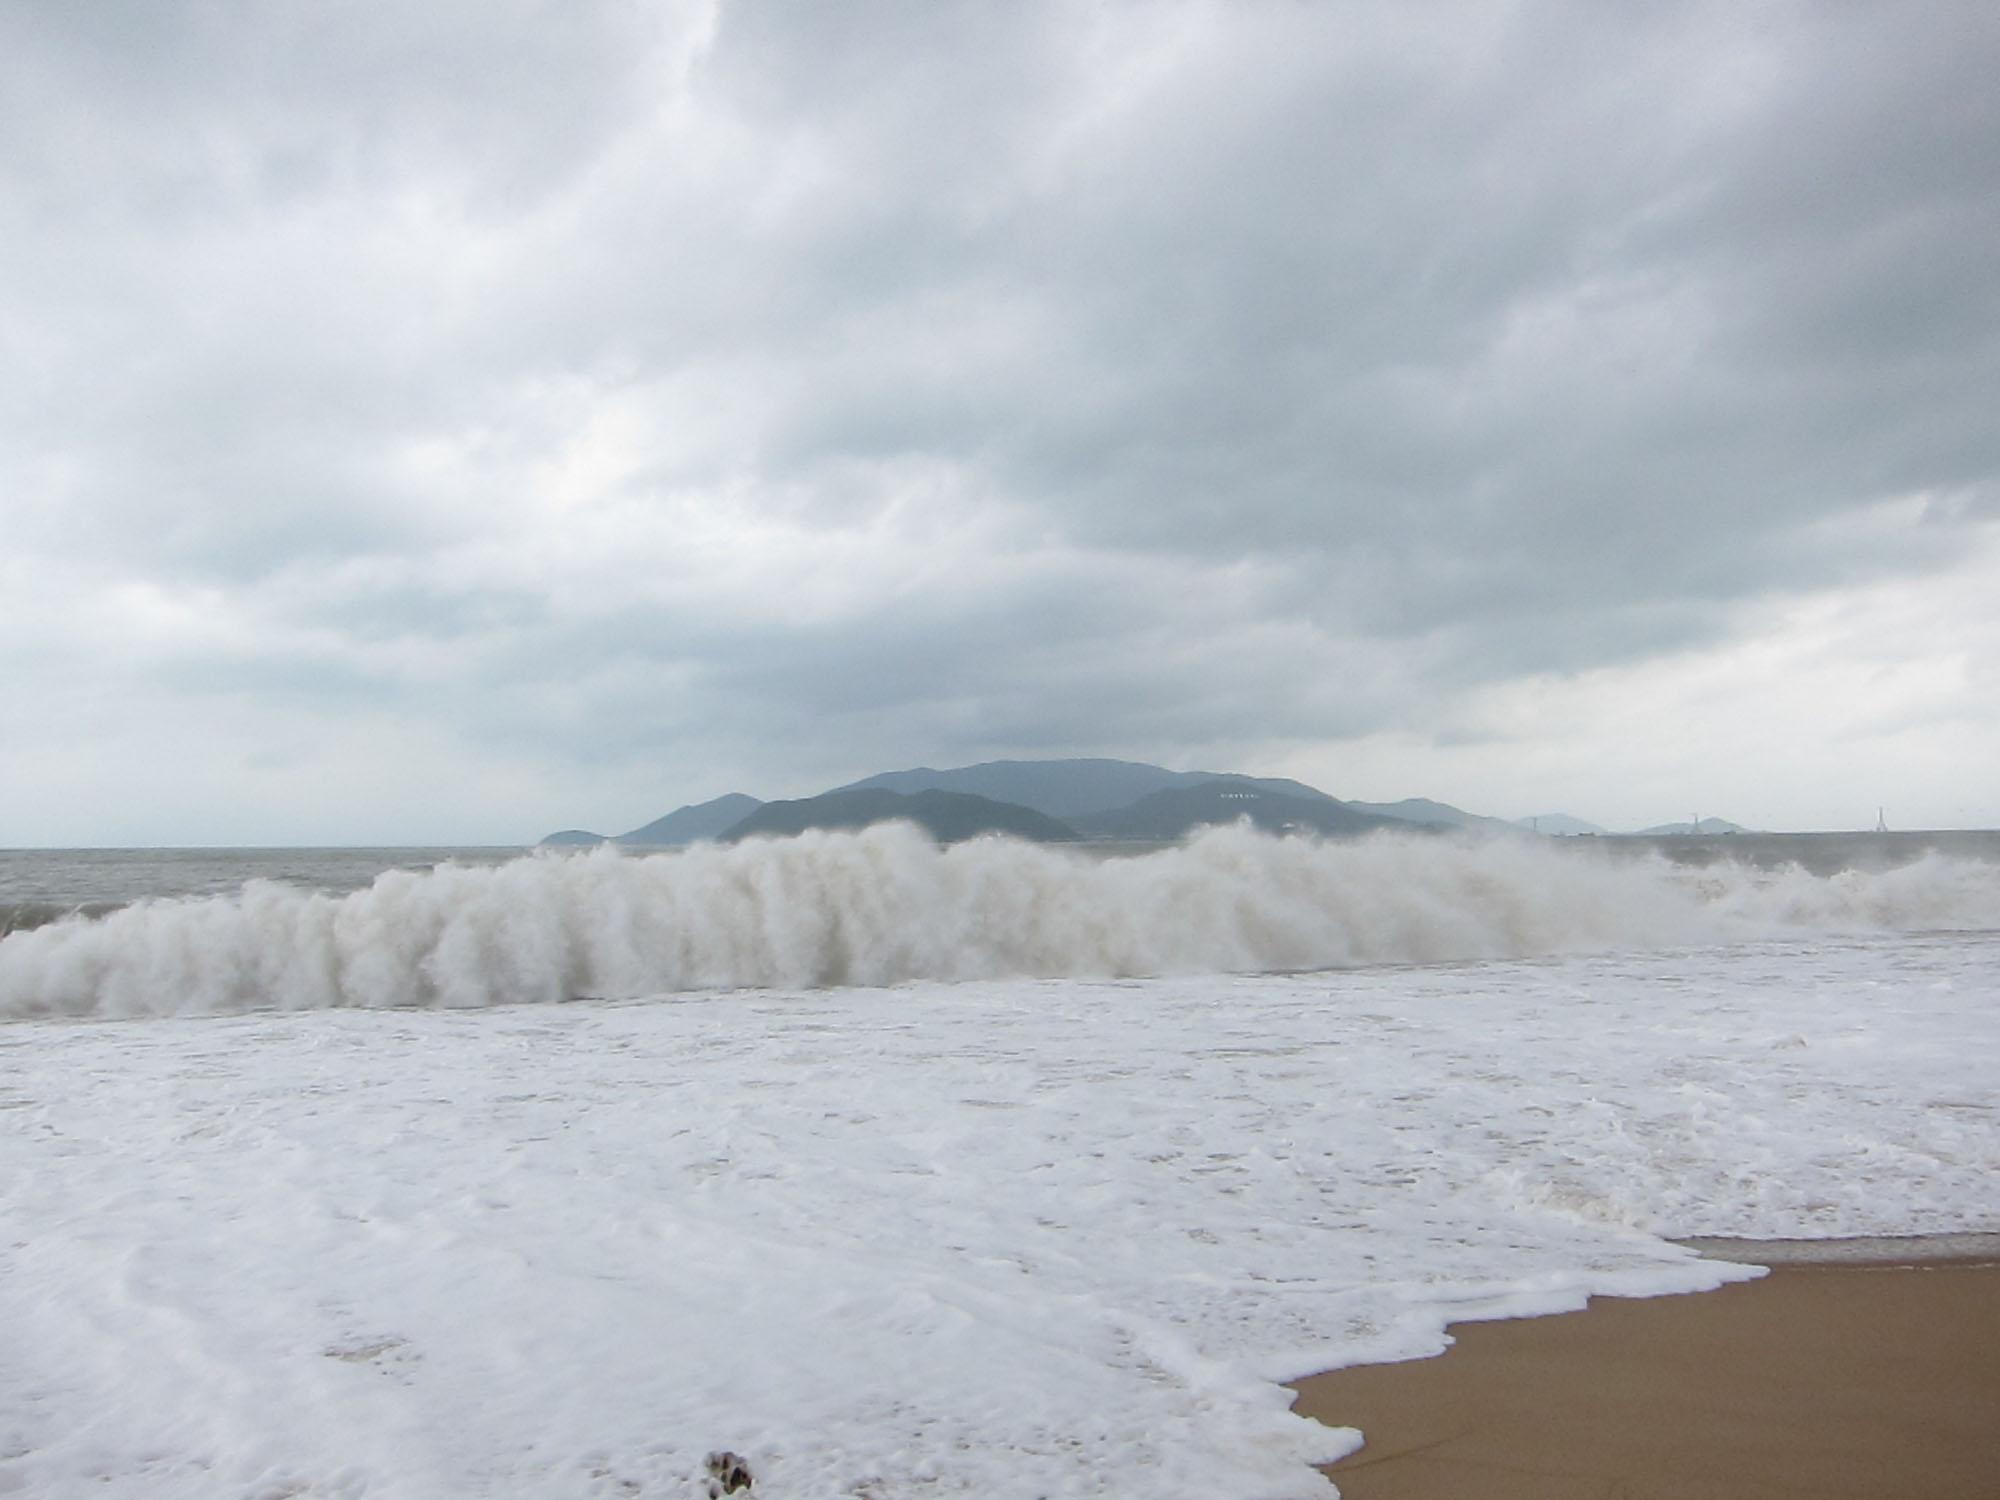 Waves at Nha Trang, Vietnam